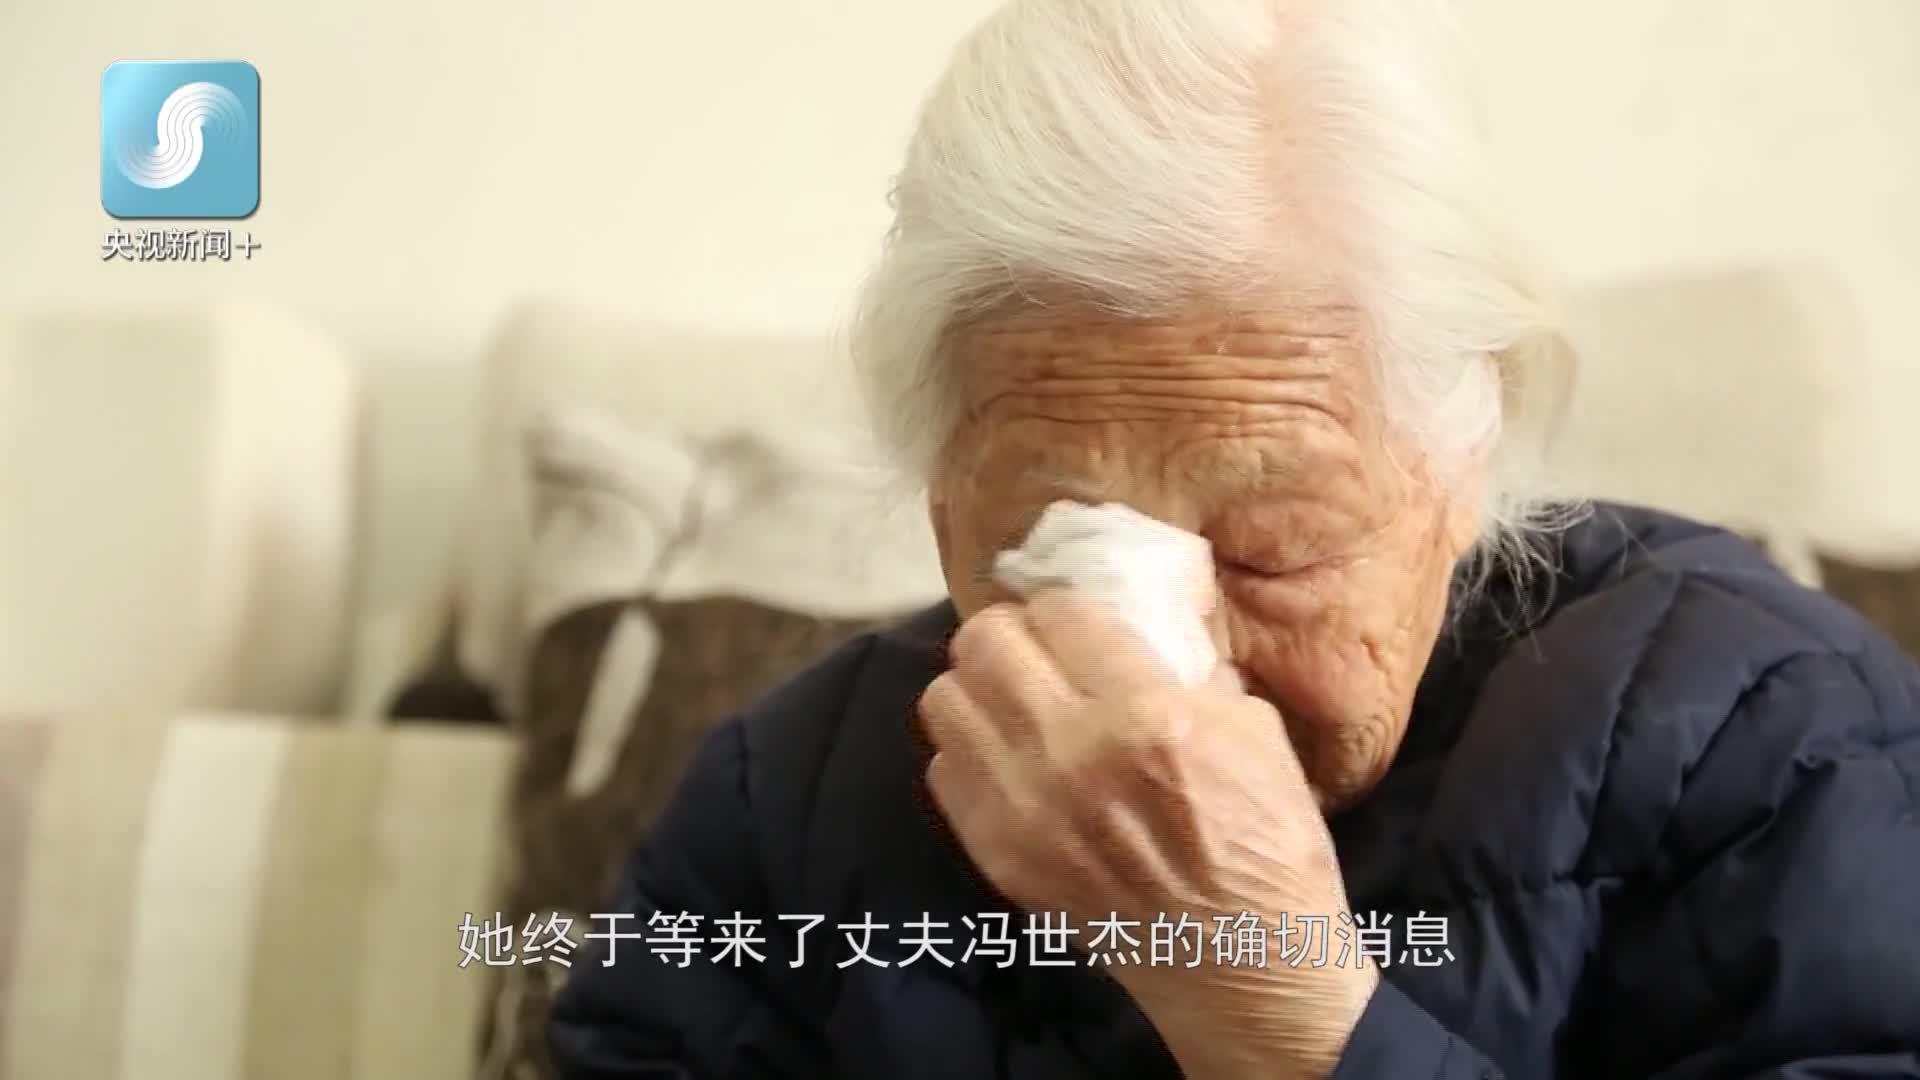 [视频]你还在我身旁 | 照片的另一半 是六十八年的等待